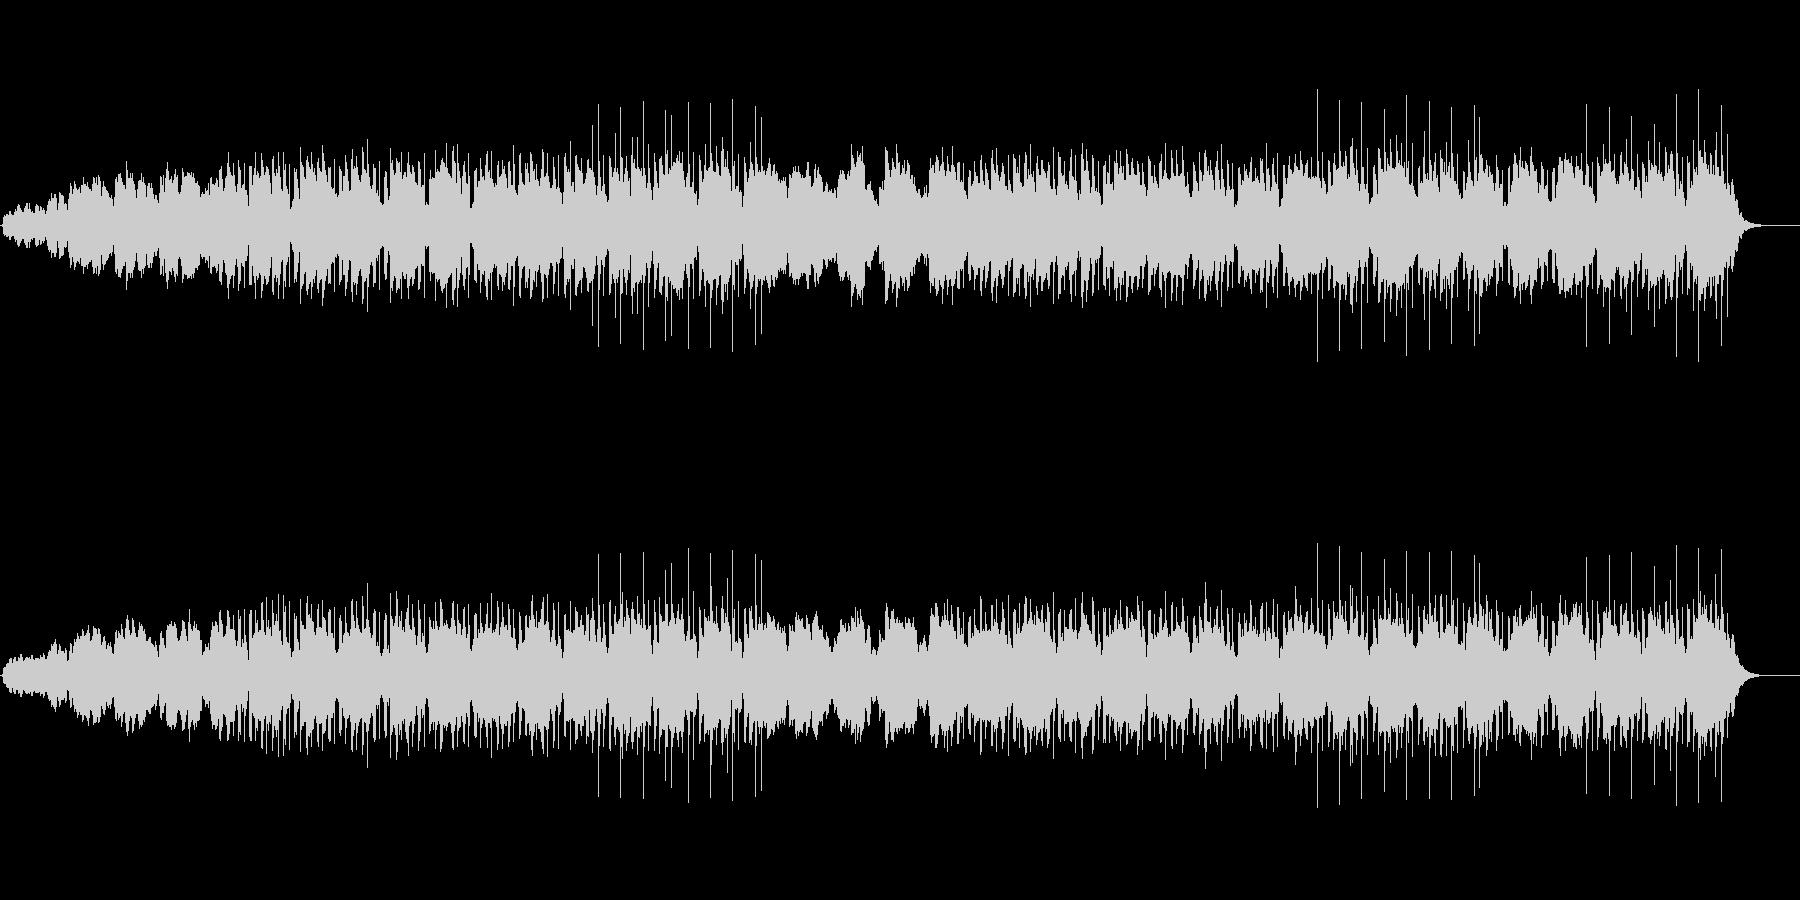 機械仕掛けな日常を表したテクノポップの未再生の波形